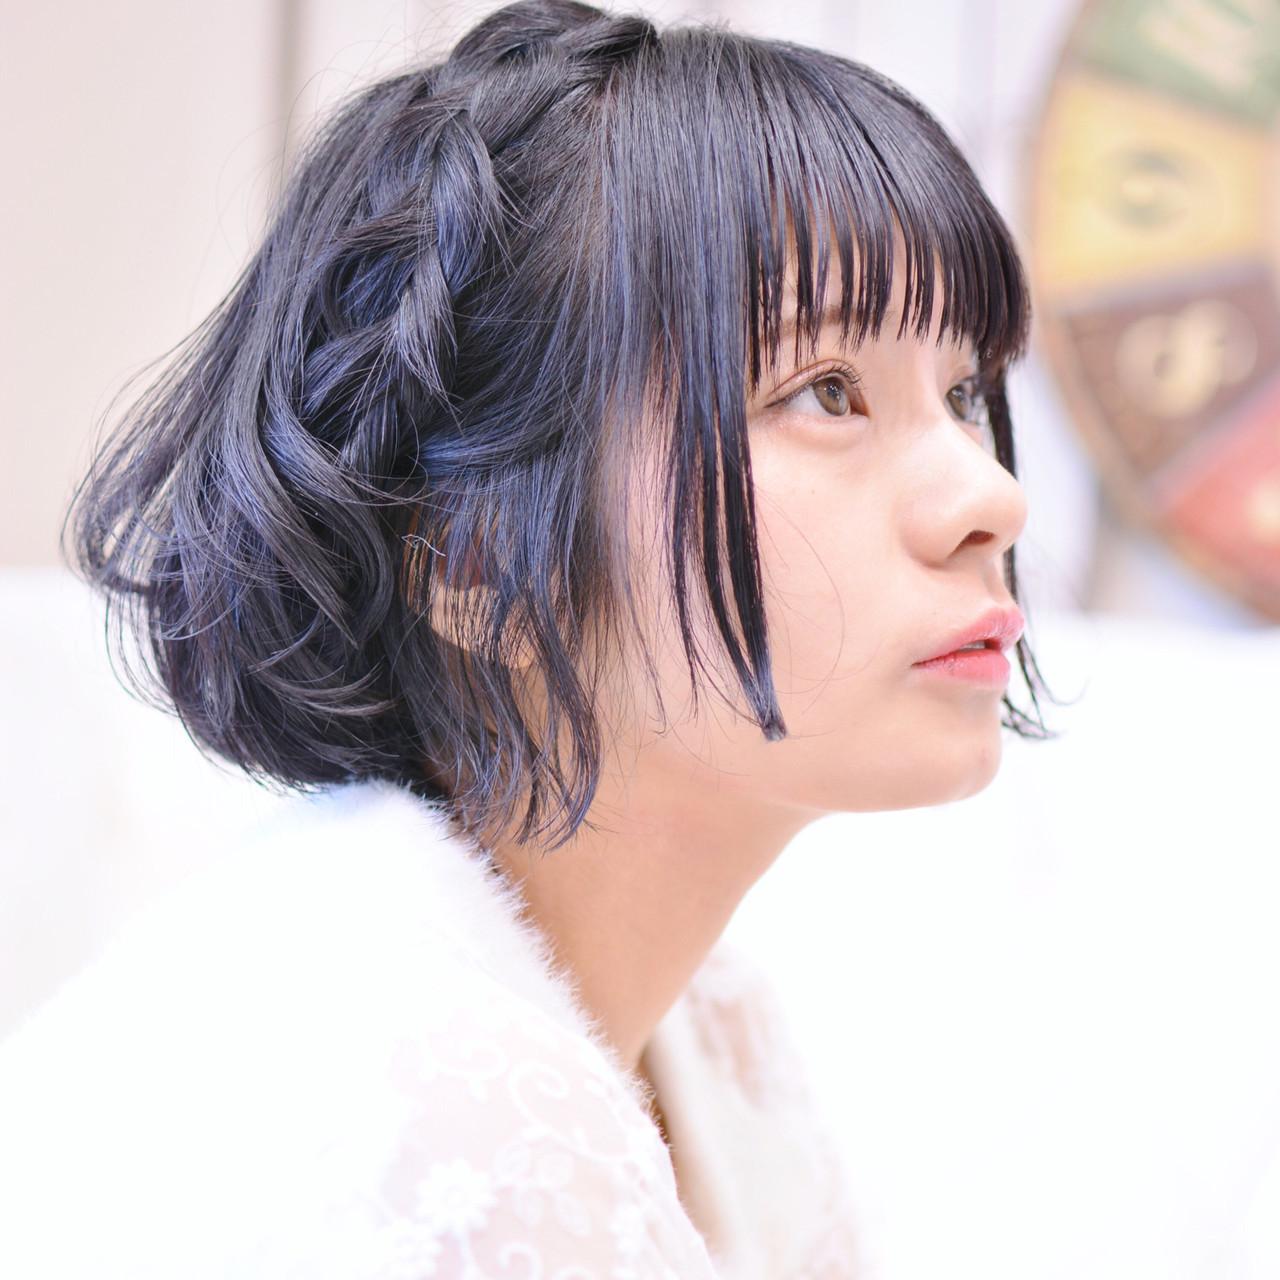 キュートな編み込みカチューシャアレンジも Shiko Kajihara